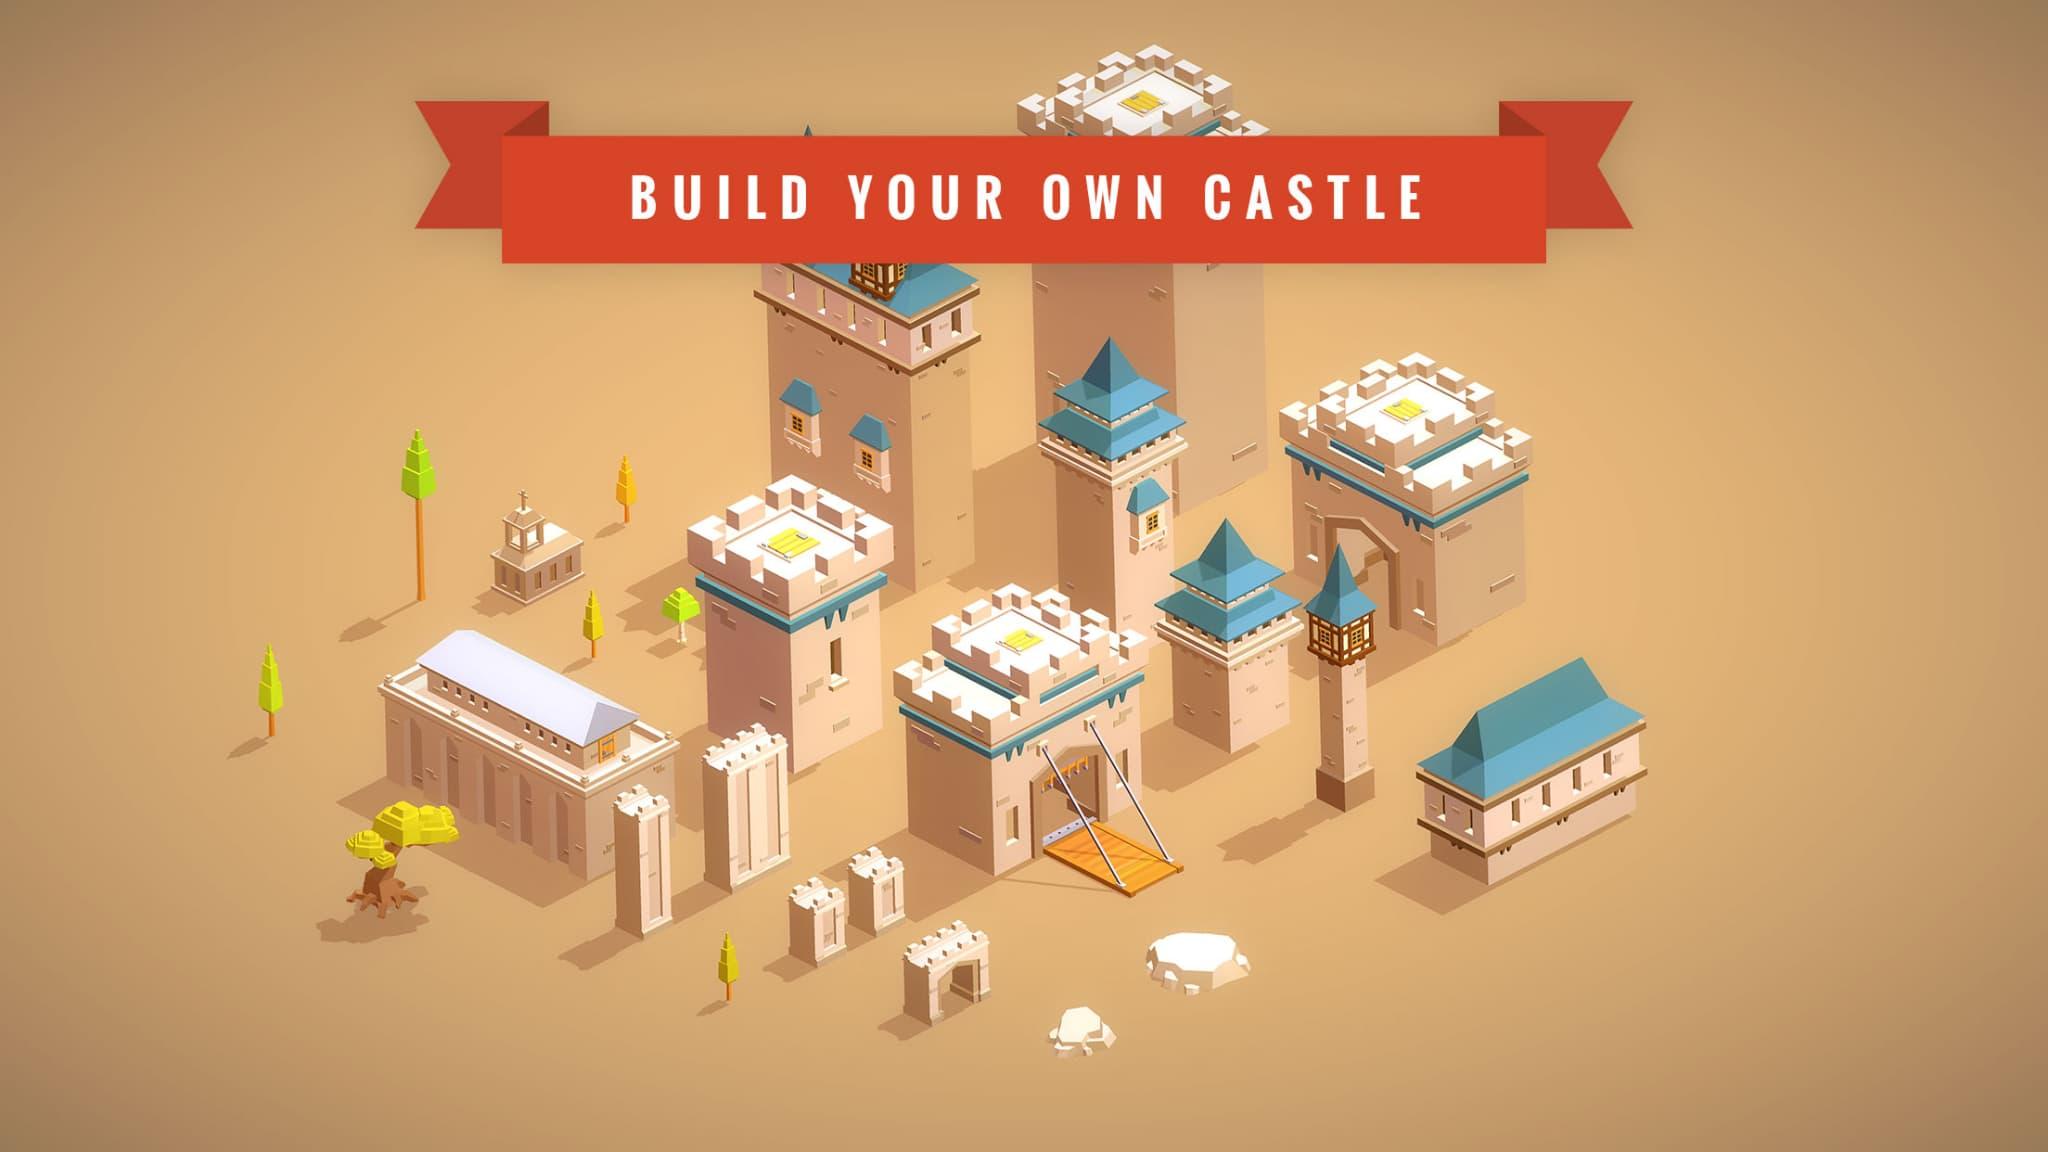 Une portion des éléments médiévaux que vous pouvez construire dans le jeu mobile Pocket Build.